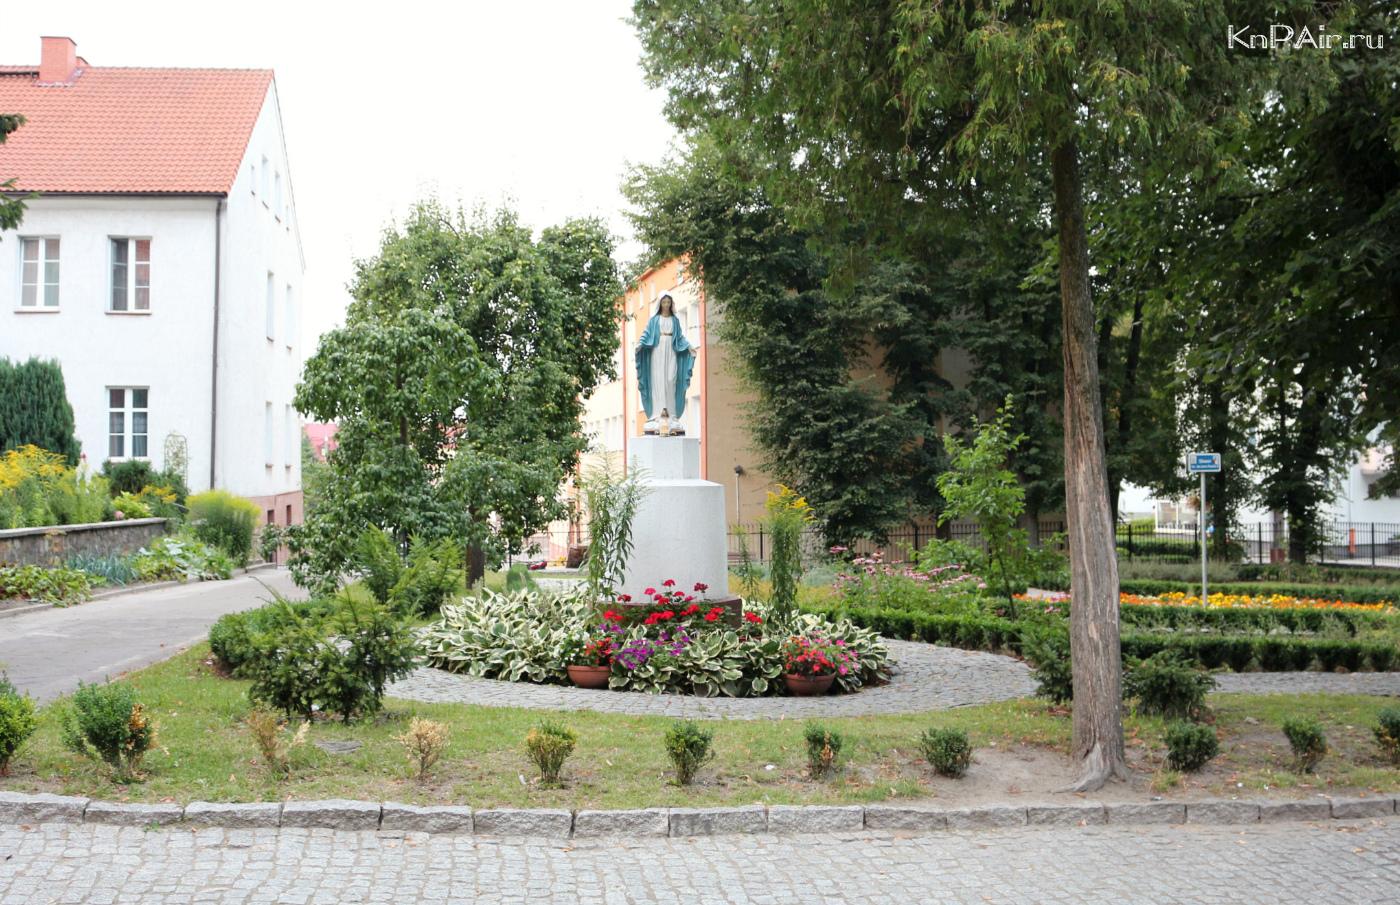 Chto-posmotret-v-Ketrzyne